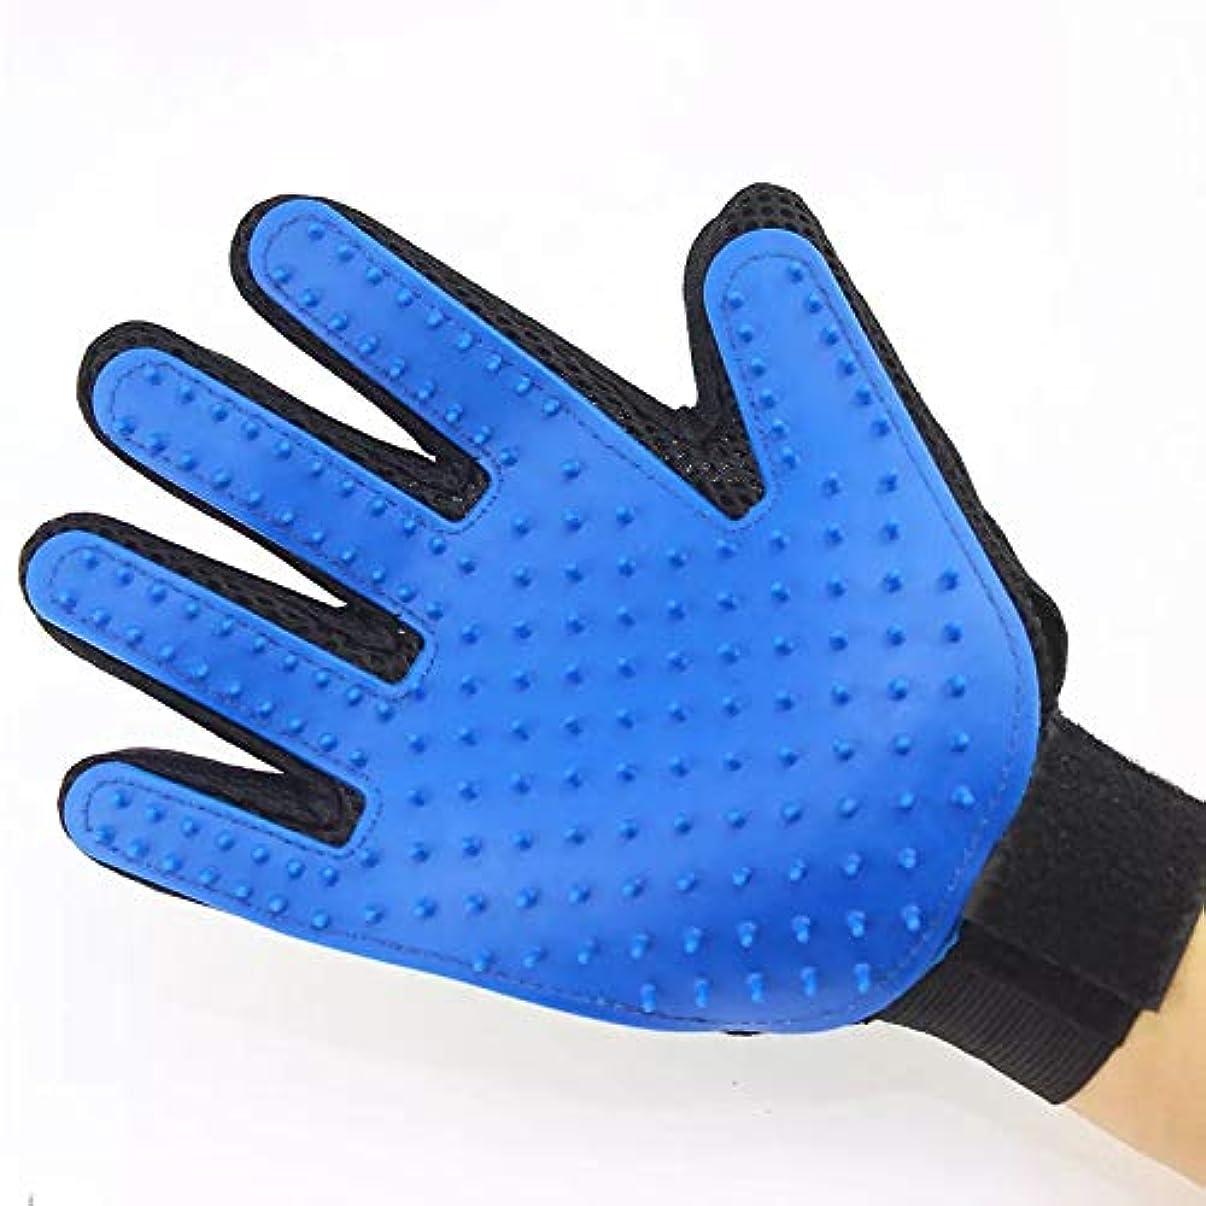 お別れ予防接種バレーボールBTXXYJP ペット ブラシ 手袋 猫 犬 ブラシ グローブ クリーナー 耐摩耗 抜け毛取り マッサージブラシ グローブ (Color : Red, Style : Right hand)